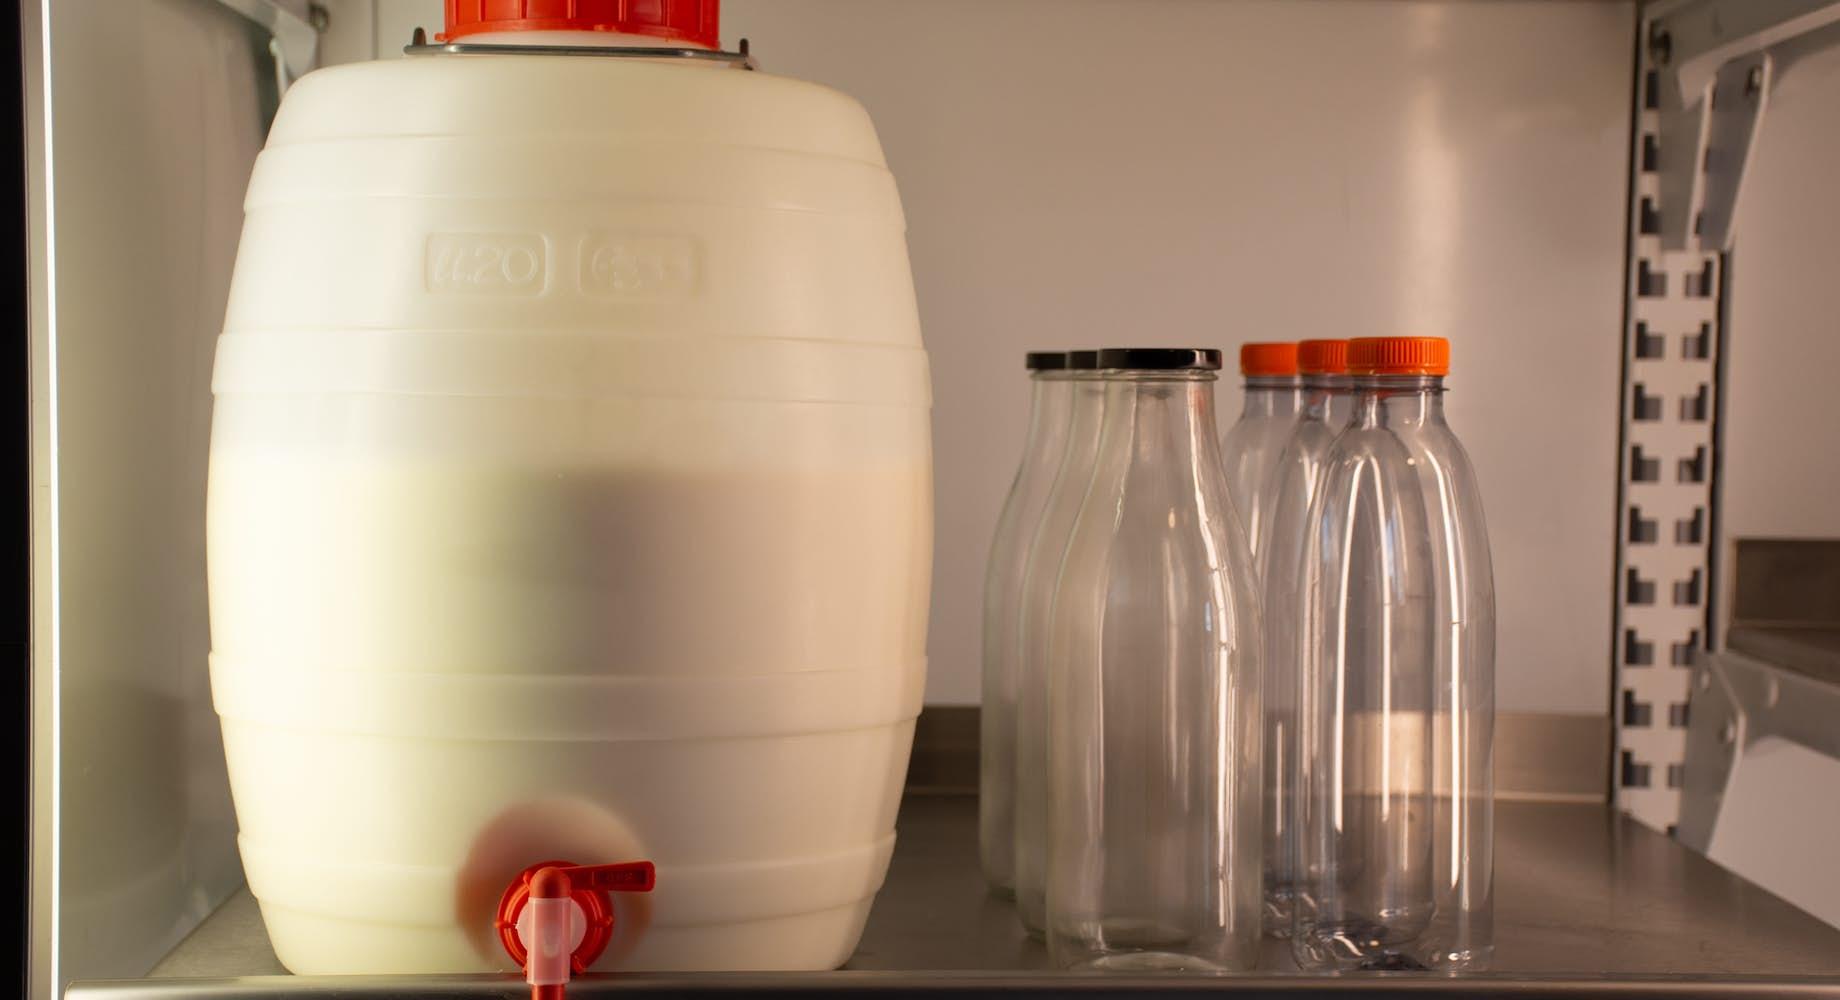 Rauwe melk (onverpakt)